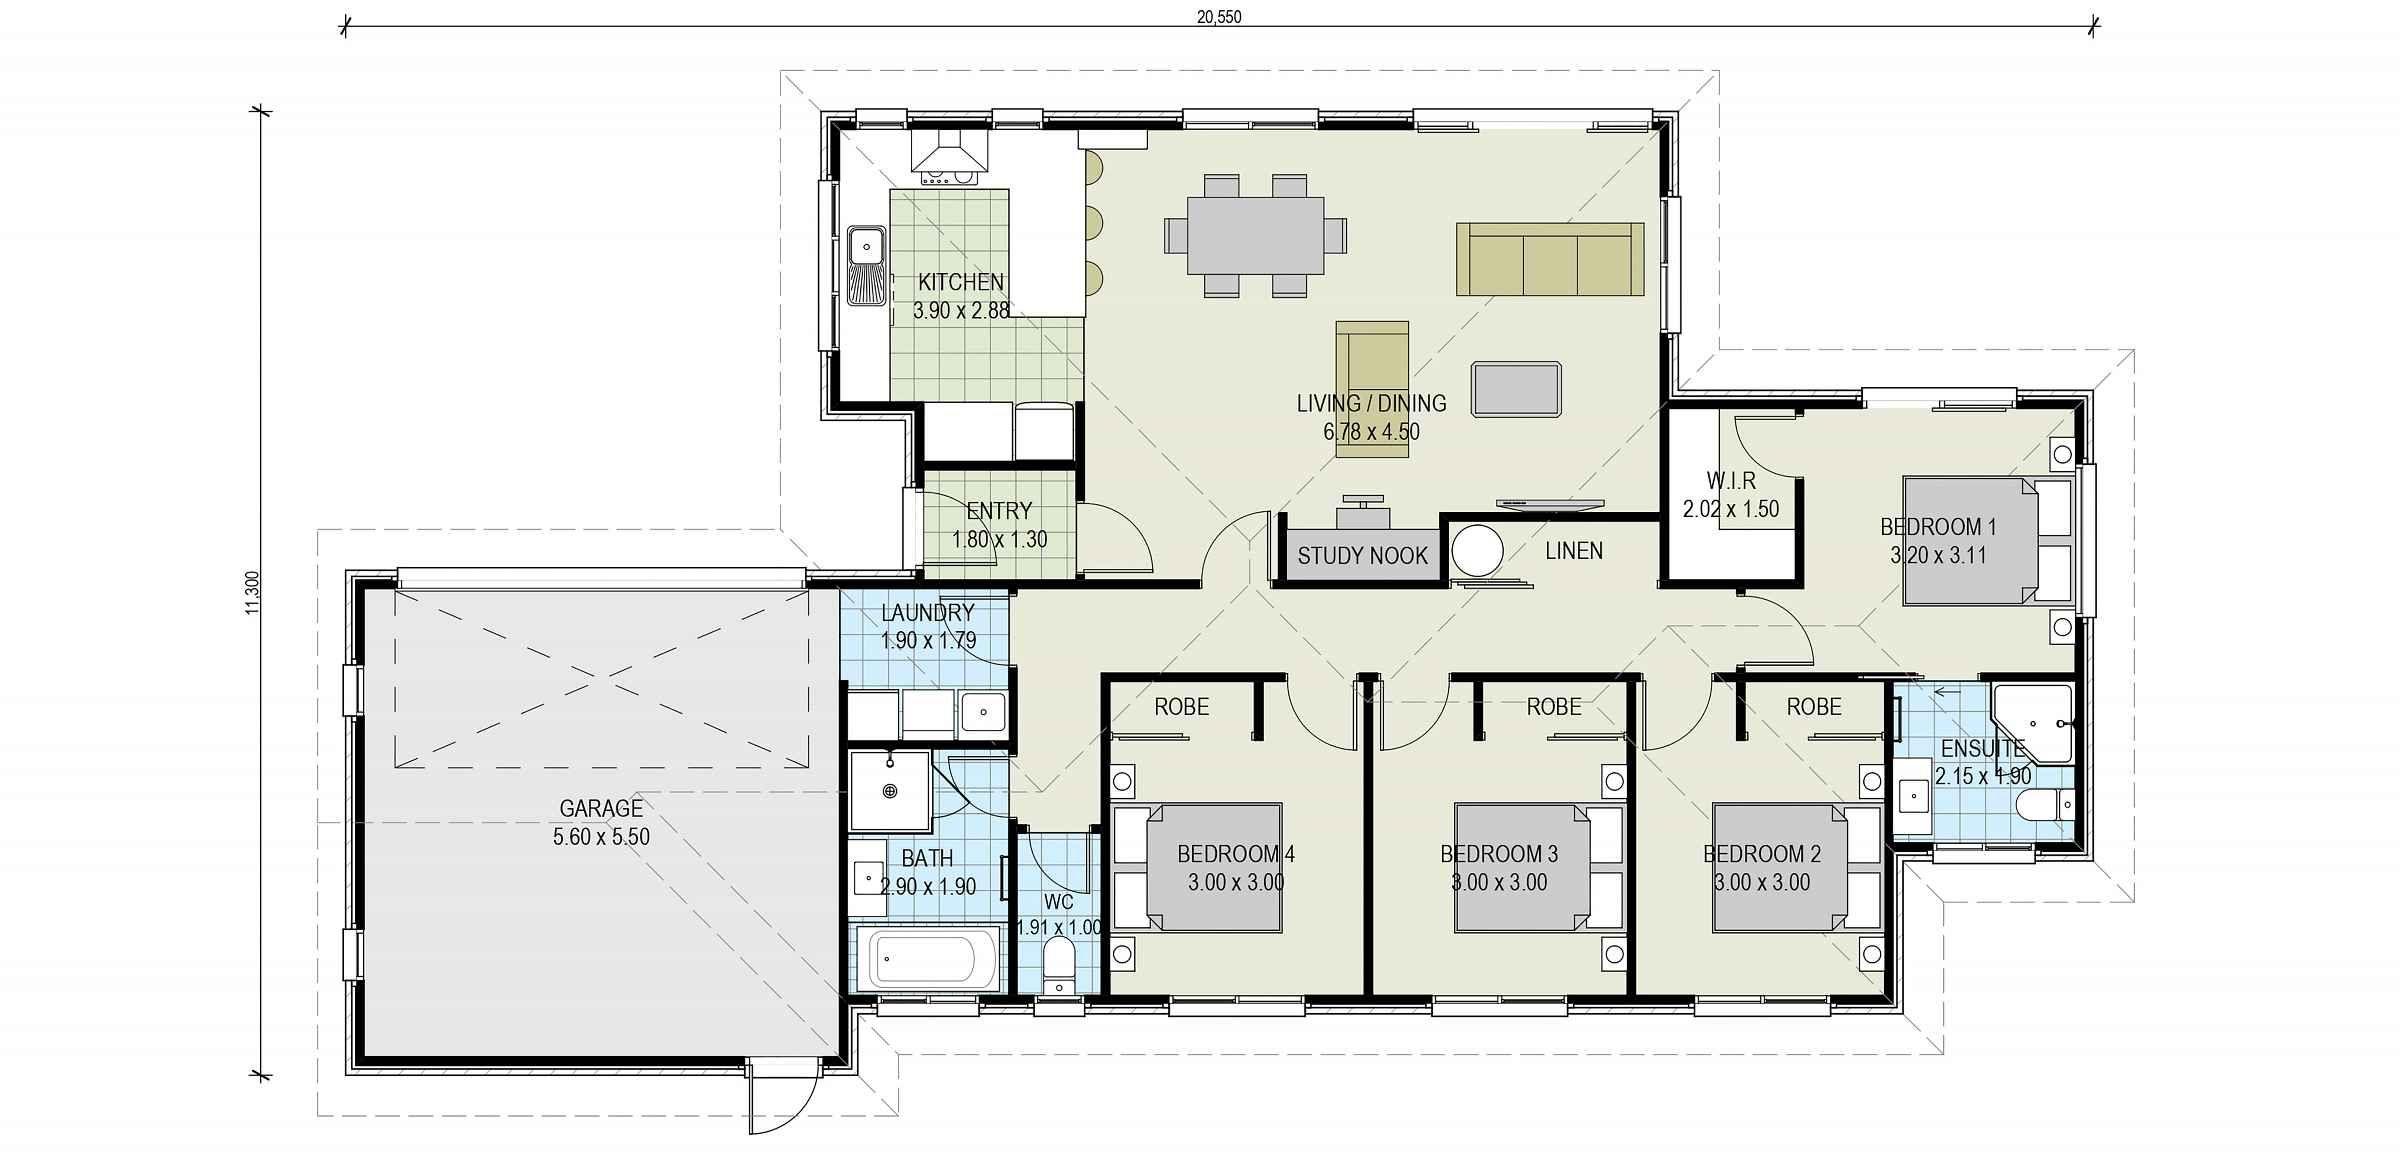 Enchanting Designer Kitset Homes Mold - Home Decorating Inspiration ...